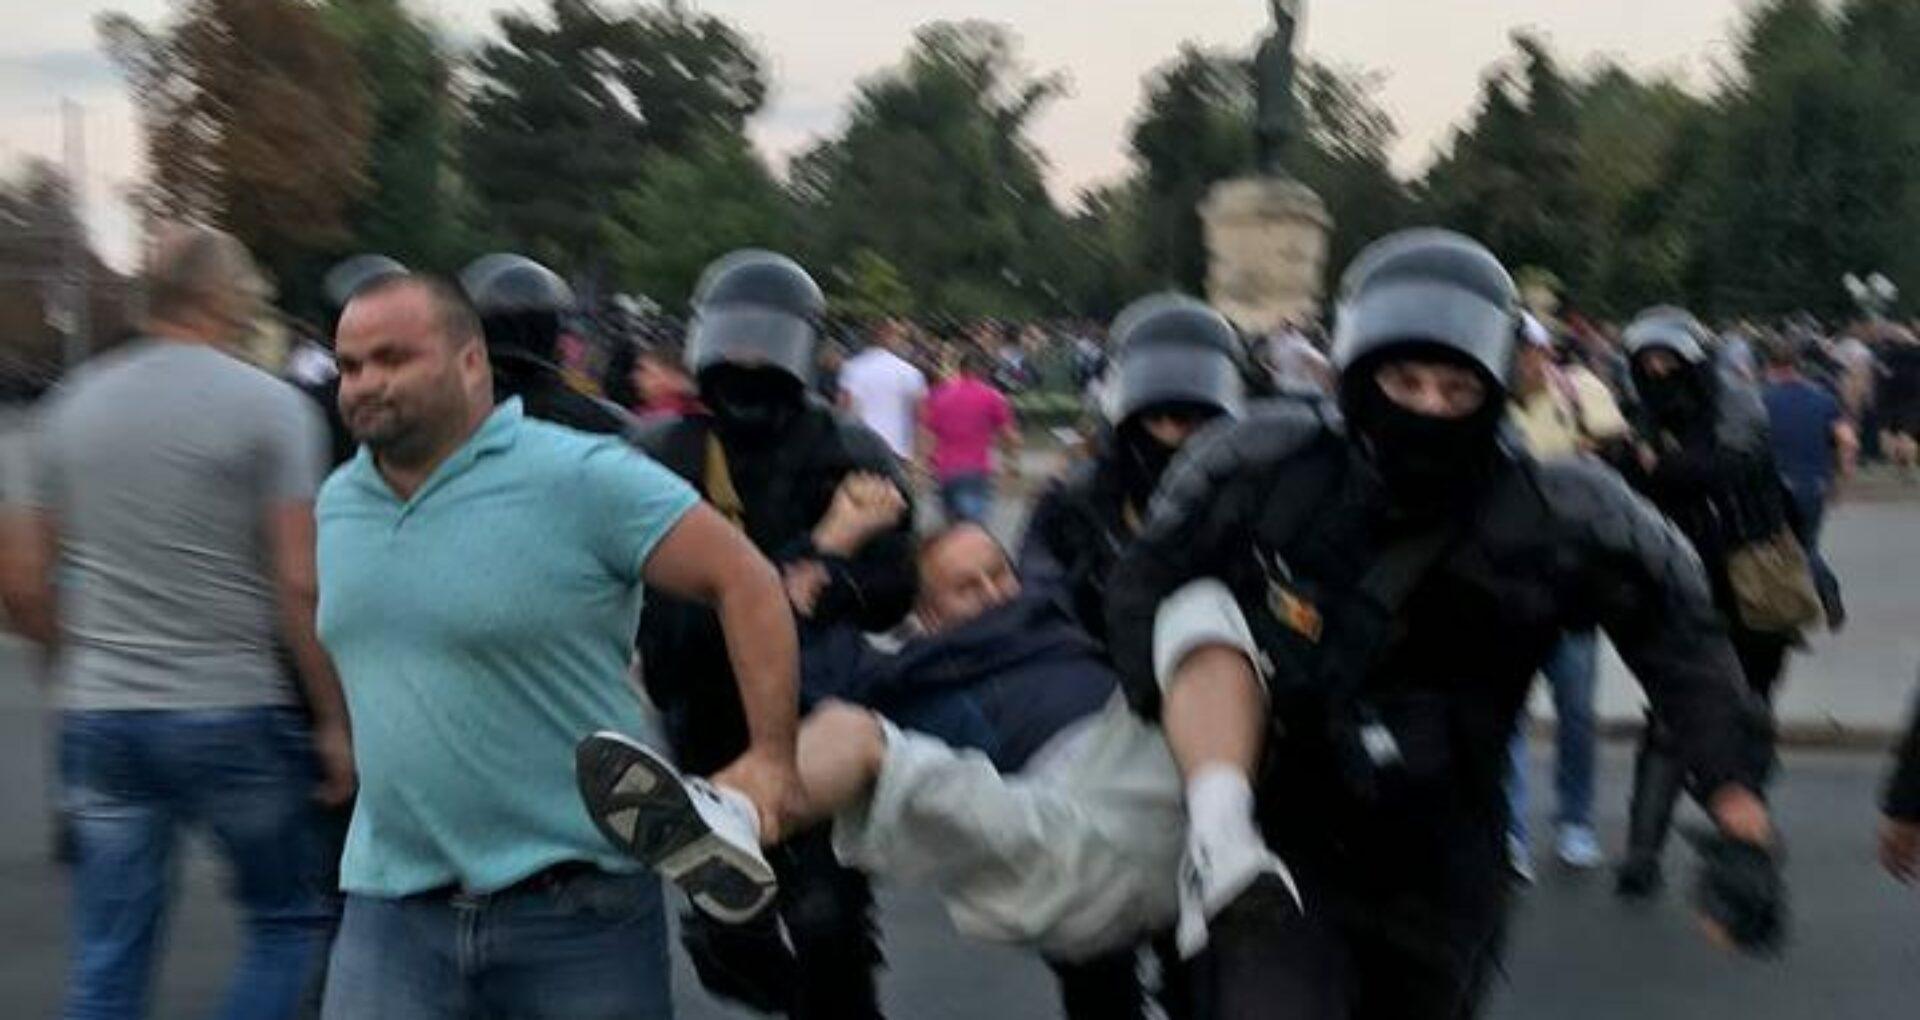 """Oficial: Poliția despre evacuarea forțată a protestatarilor: """"li s-a acordat timp de a părăsi perimetrul"""""""